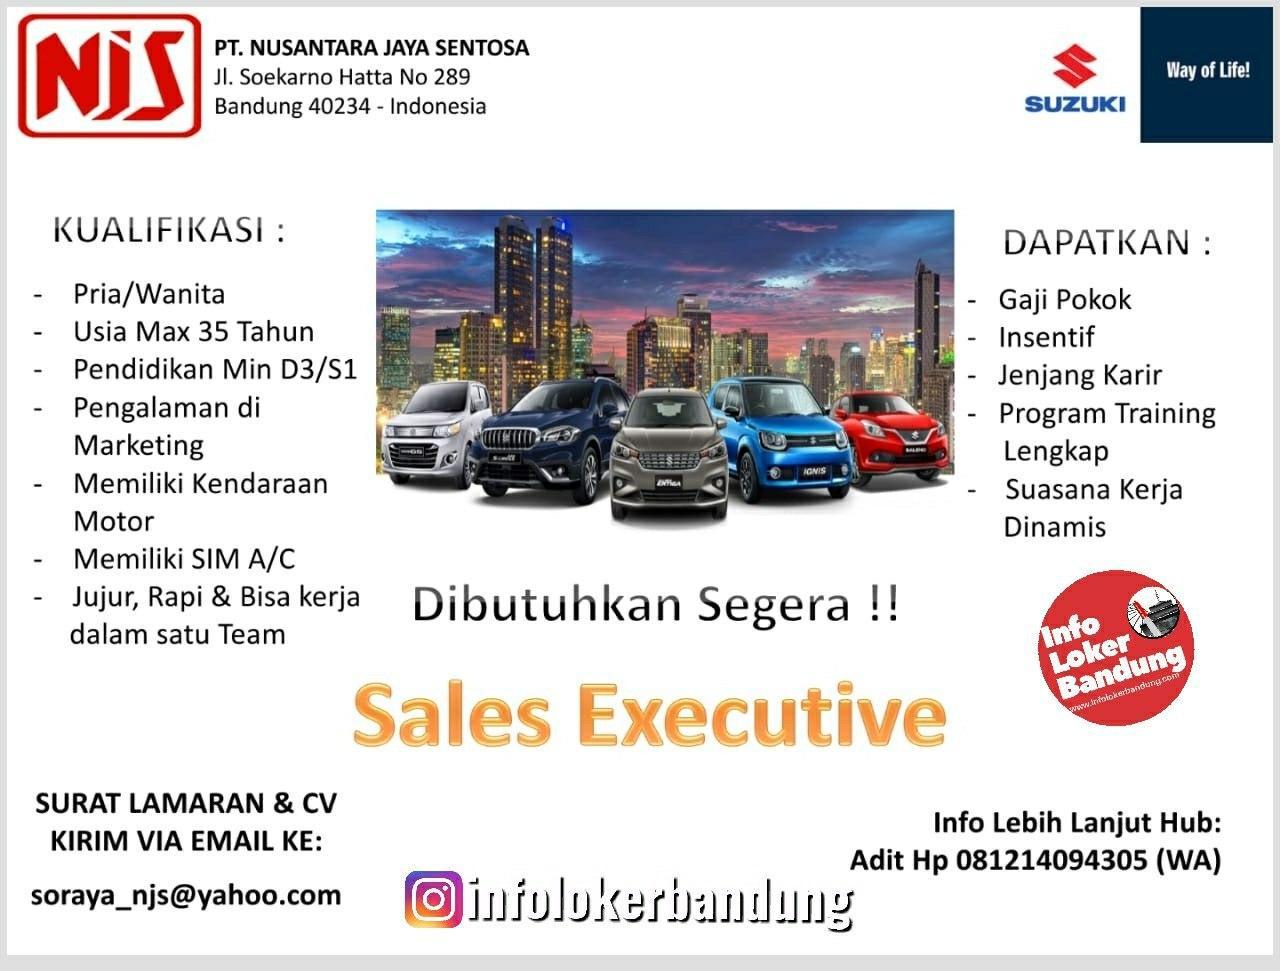 Lowongan Kerja PT. Nusantara Jaya Sentosa (NJS) Bandung Januari 2020